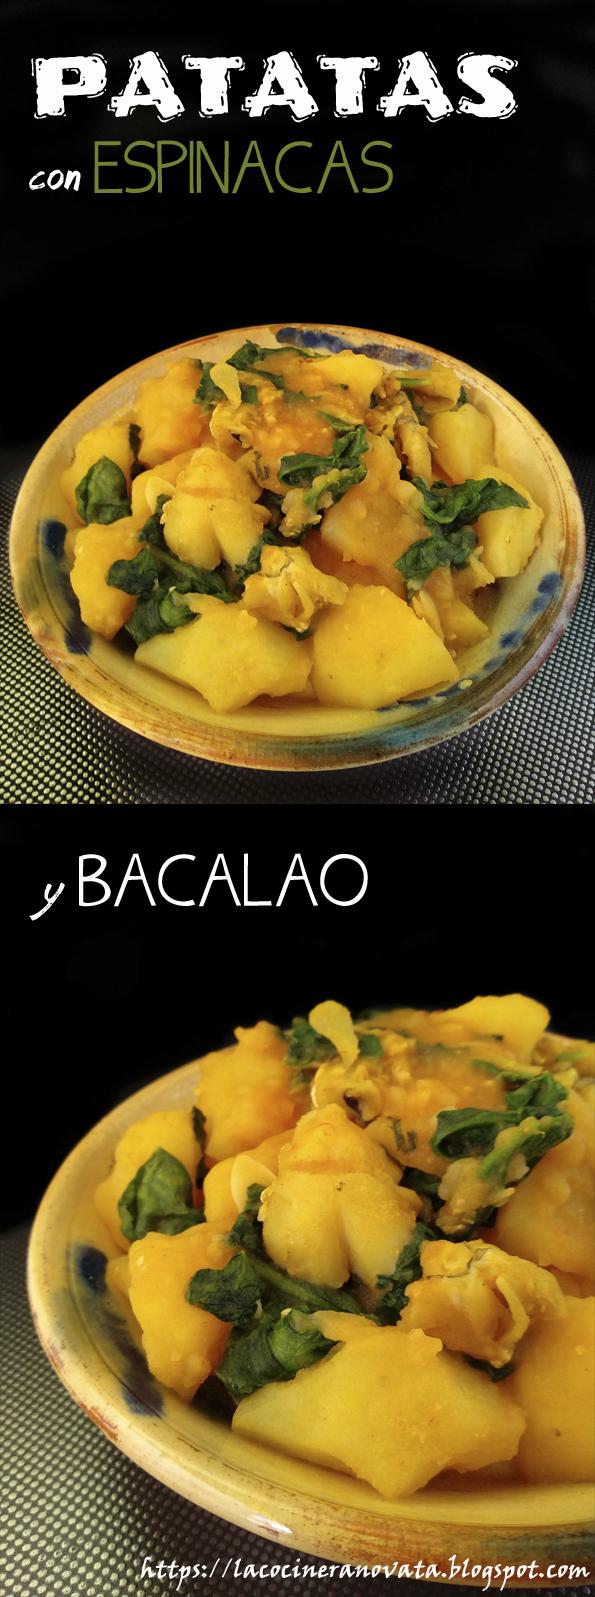 PATATAS CON ESPINACAS Y BACALAO la cocinera novata pimiento choricero receta cocina gastronomia vegano vegetariano guiso bajo en calorias recetas para pobres crisis